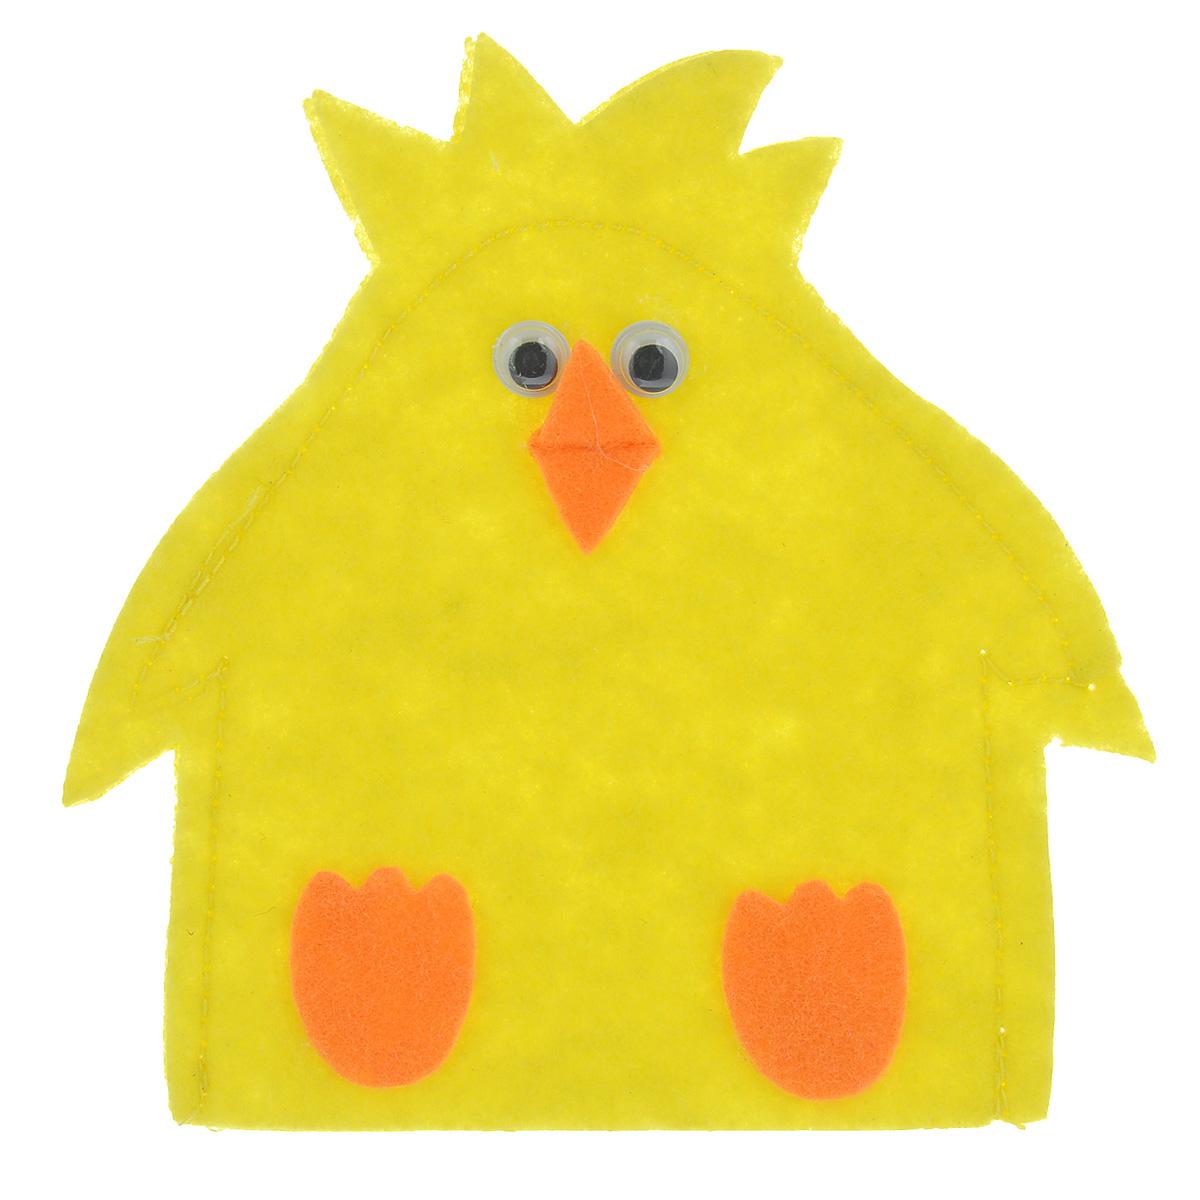 Грелка для яйца Home Queen Цыпленок, цвет: желтый, 11,5 х 11,5 см комплект в кроватку золотой гусь алёнка 7 предметов зелёный 1014